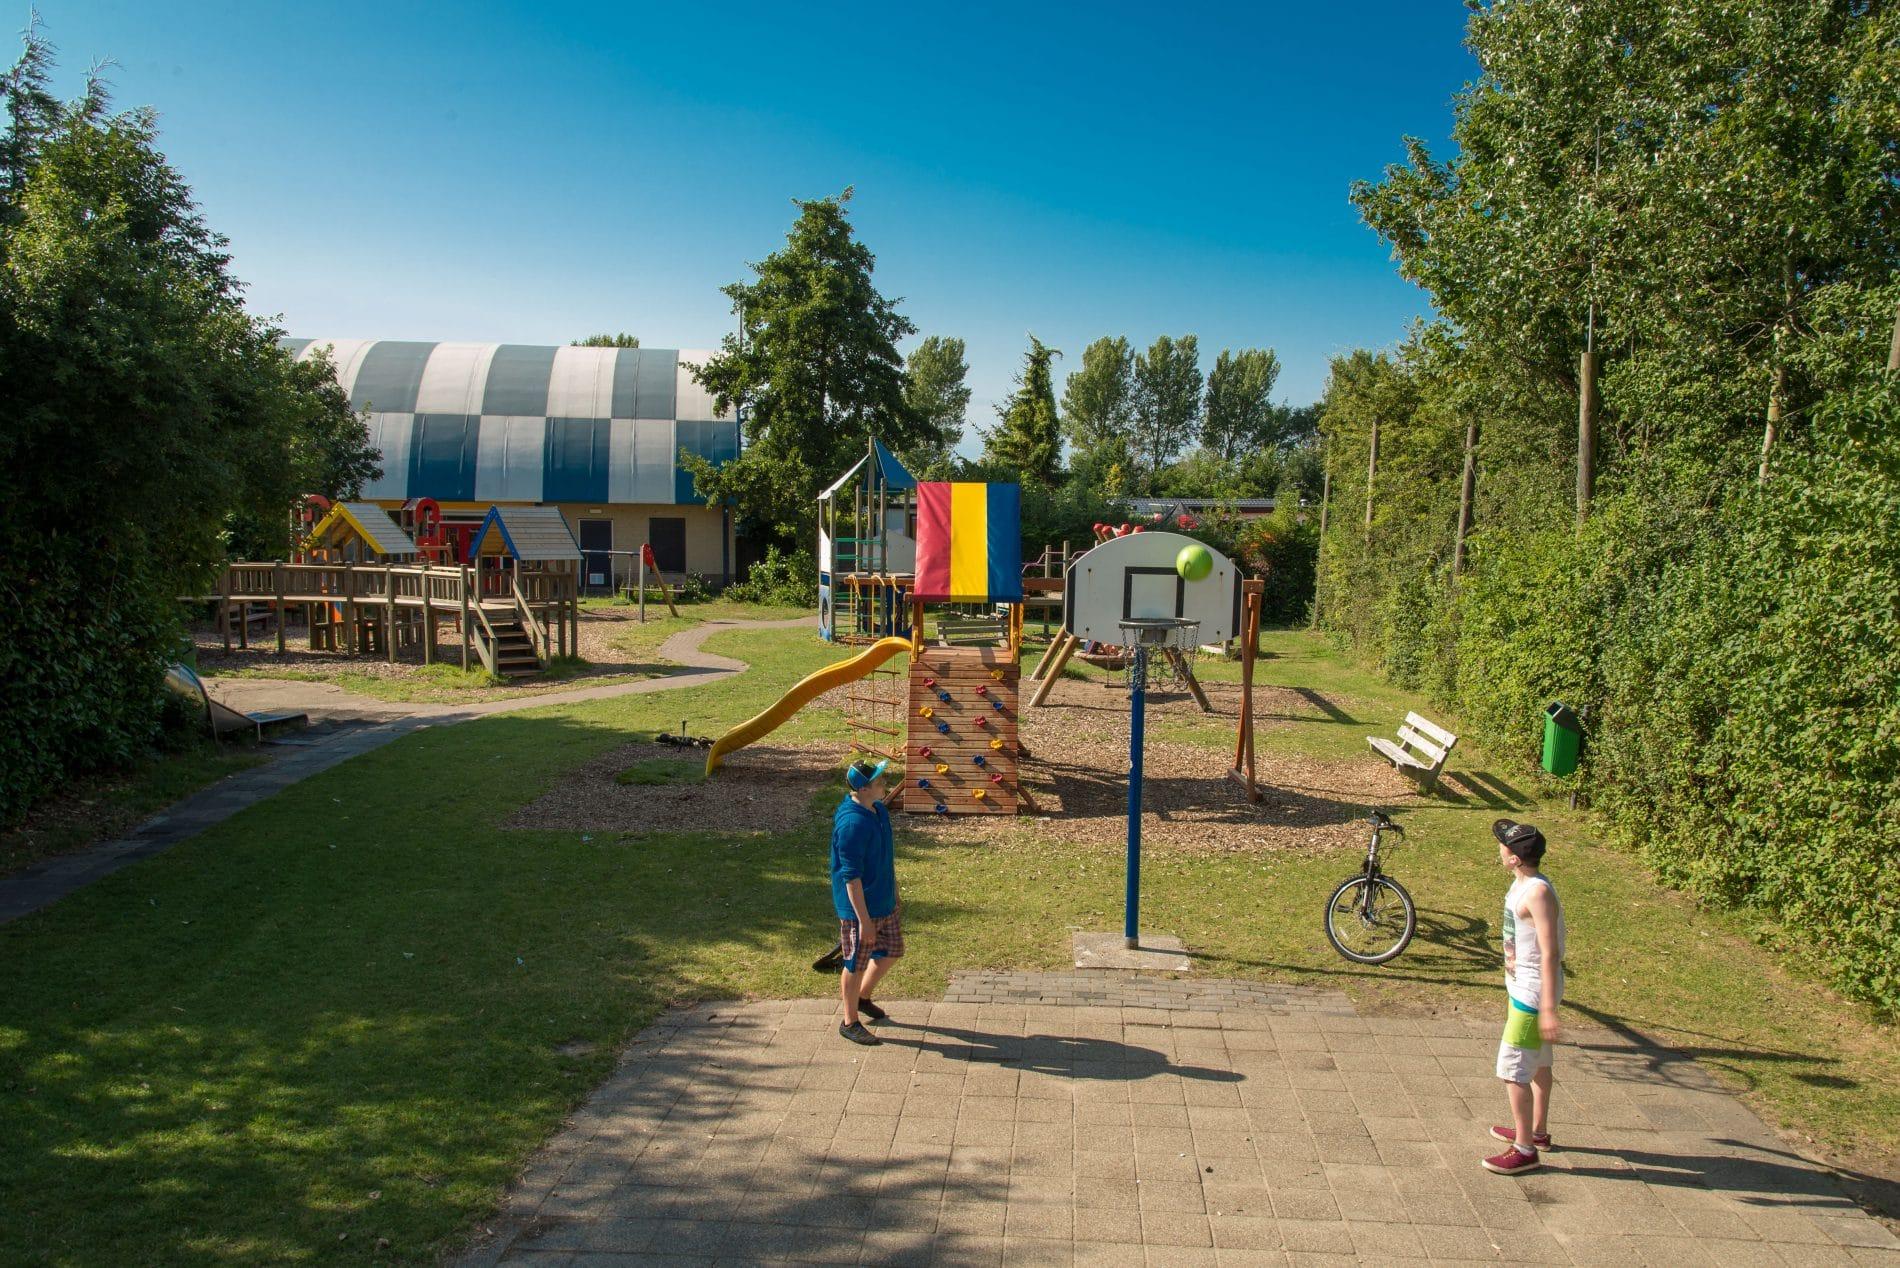 koningshof play area